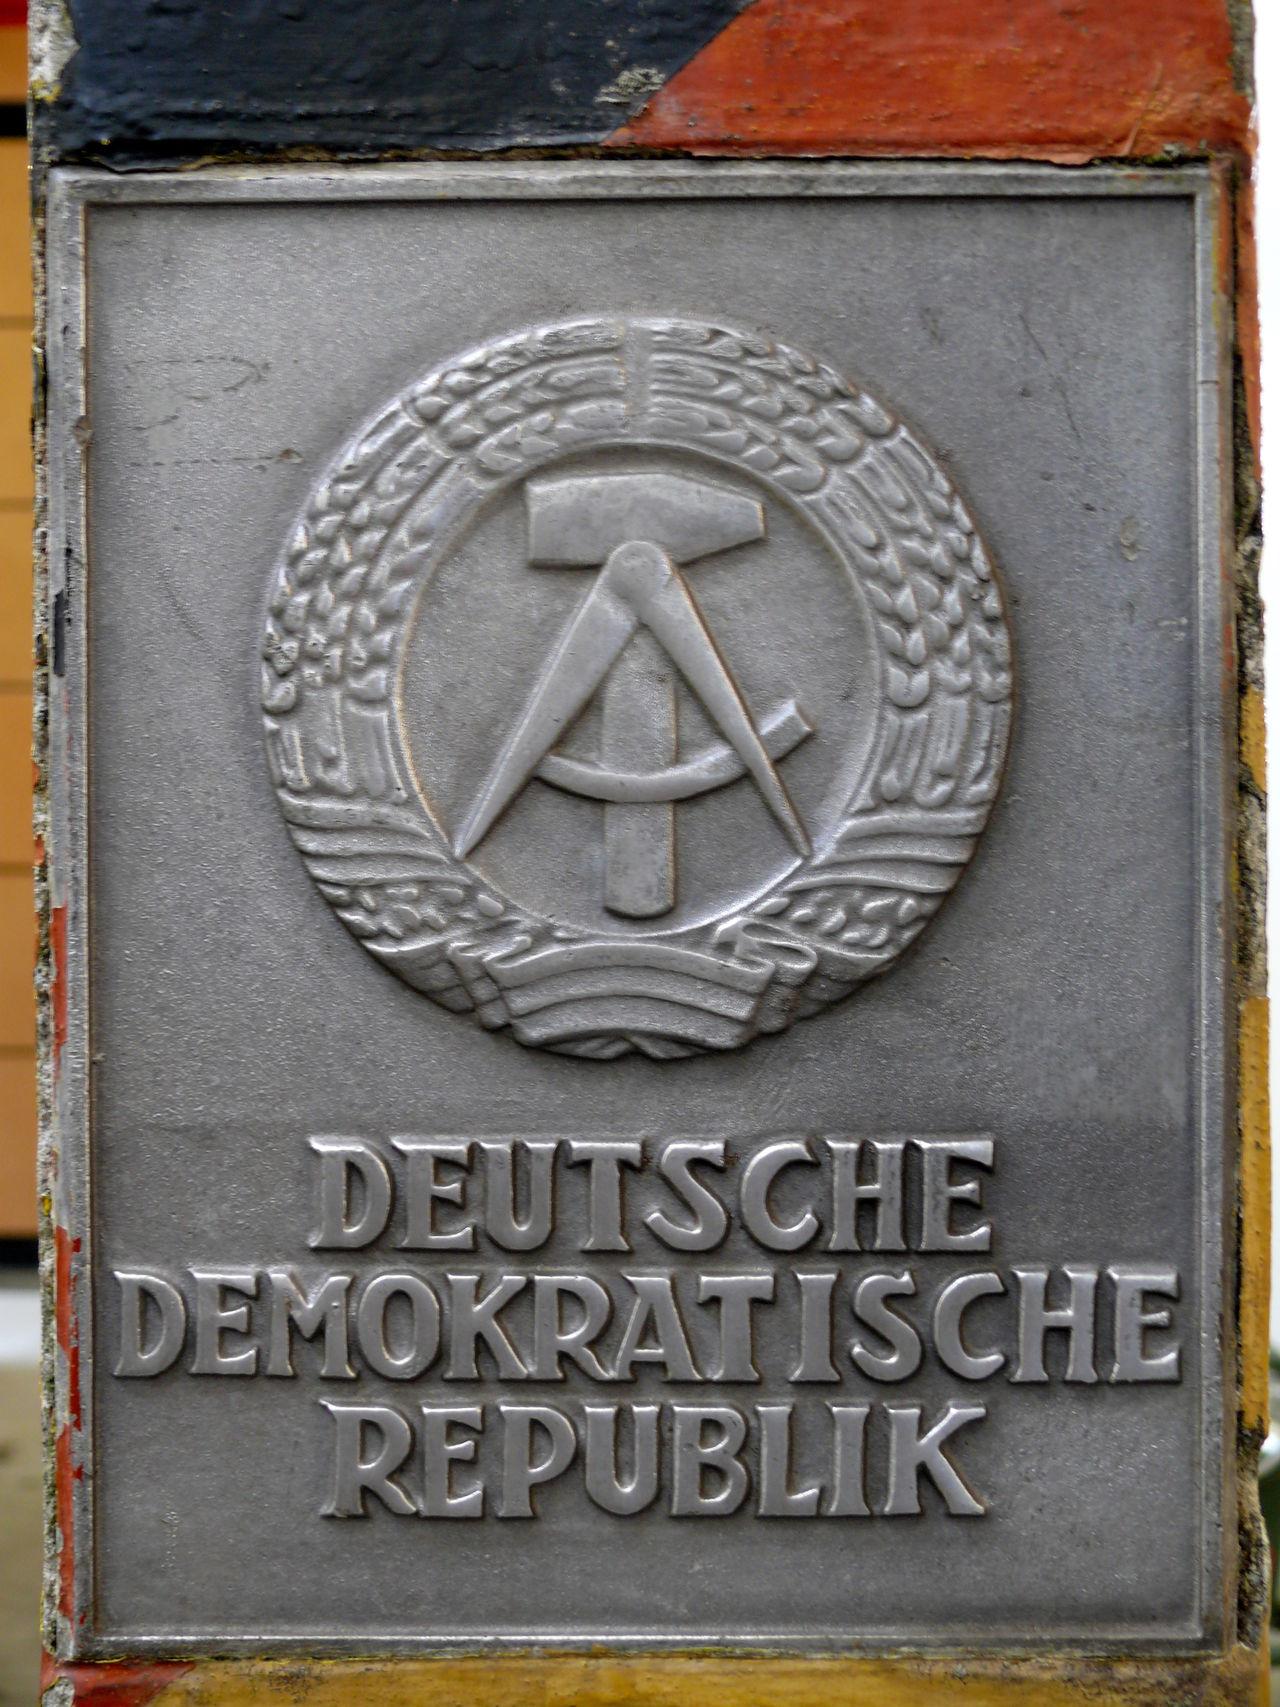 Capital Letter Close-up DDR DDR Grenze Hammer Und Zirkel Information Sign Metal No People Ostalgie Ostzonensuppenwürfelmachenkrebs Sign Text Western Script Zone